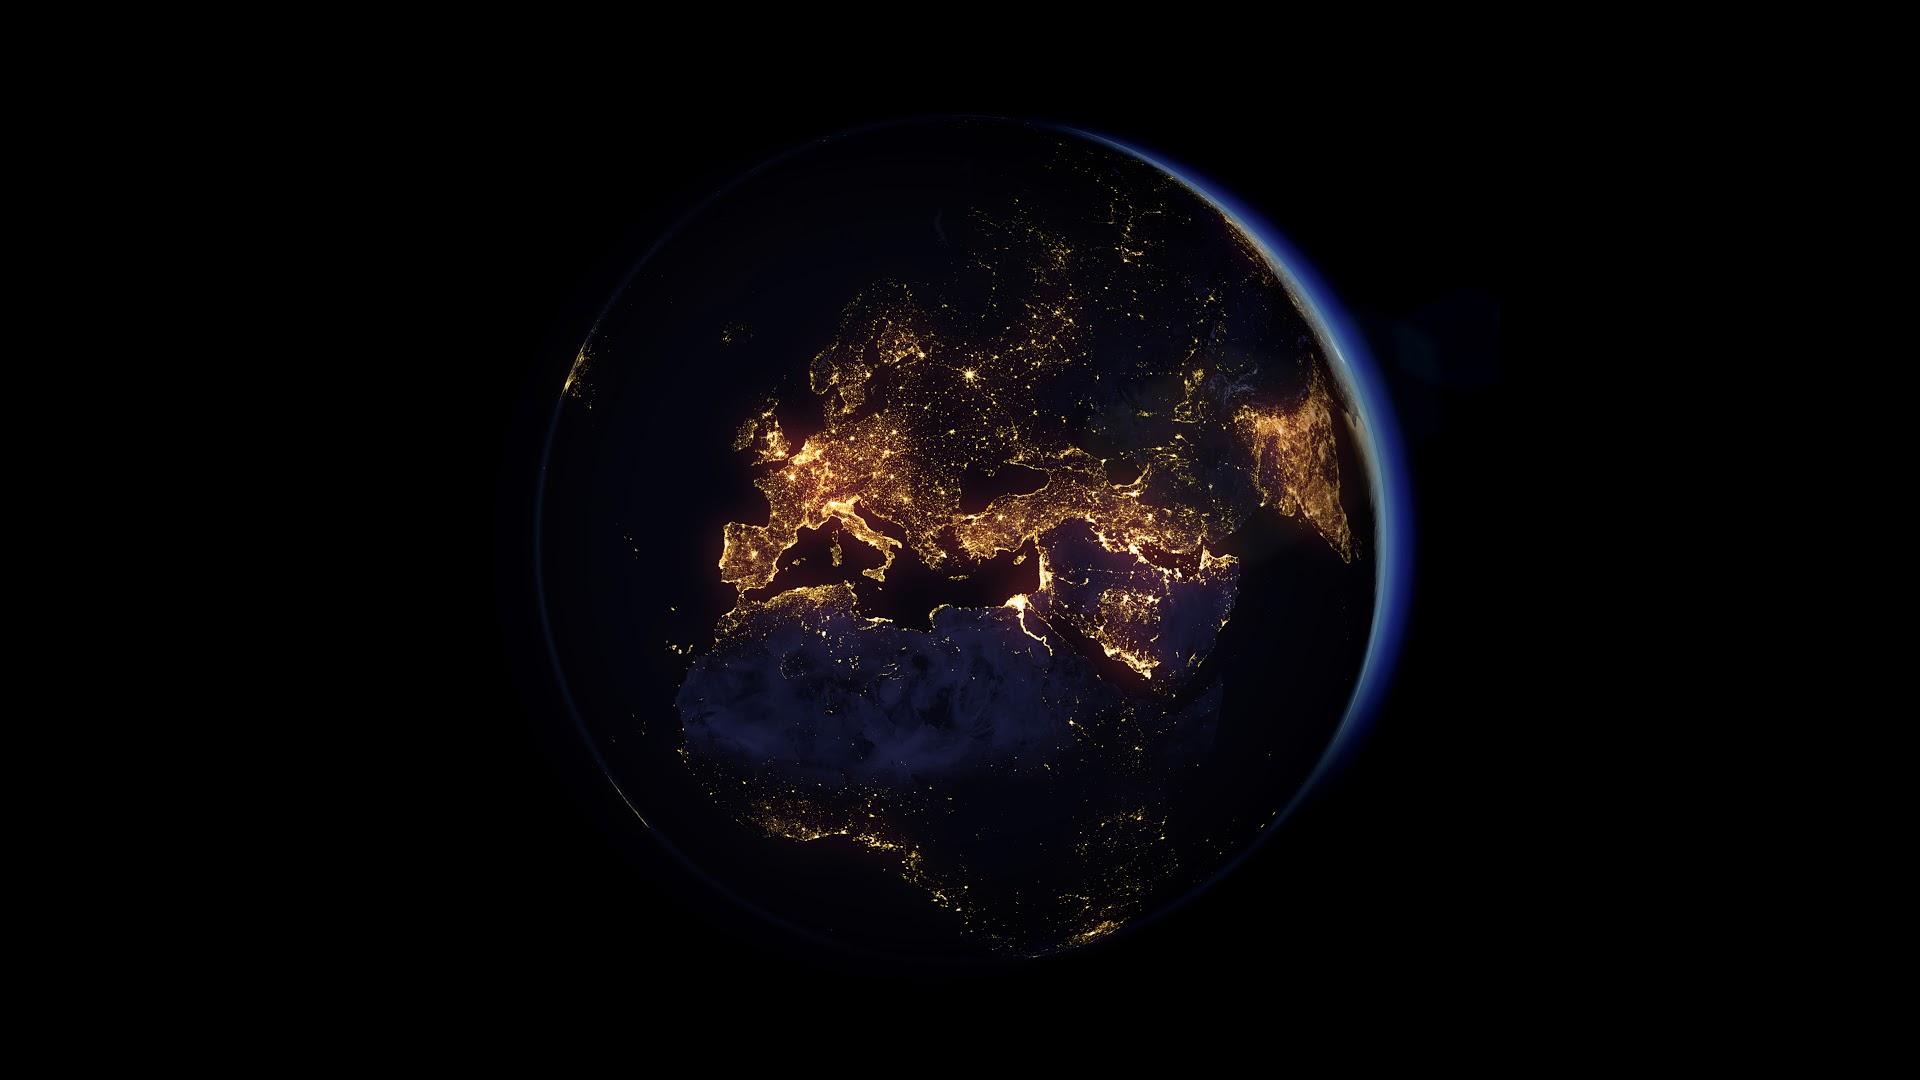 Ảnh Trái Đất buổi đêm chụp từ không gian đẹp nhất